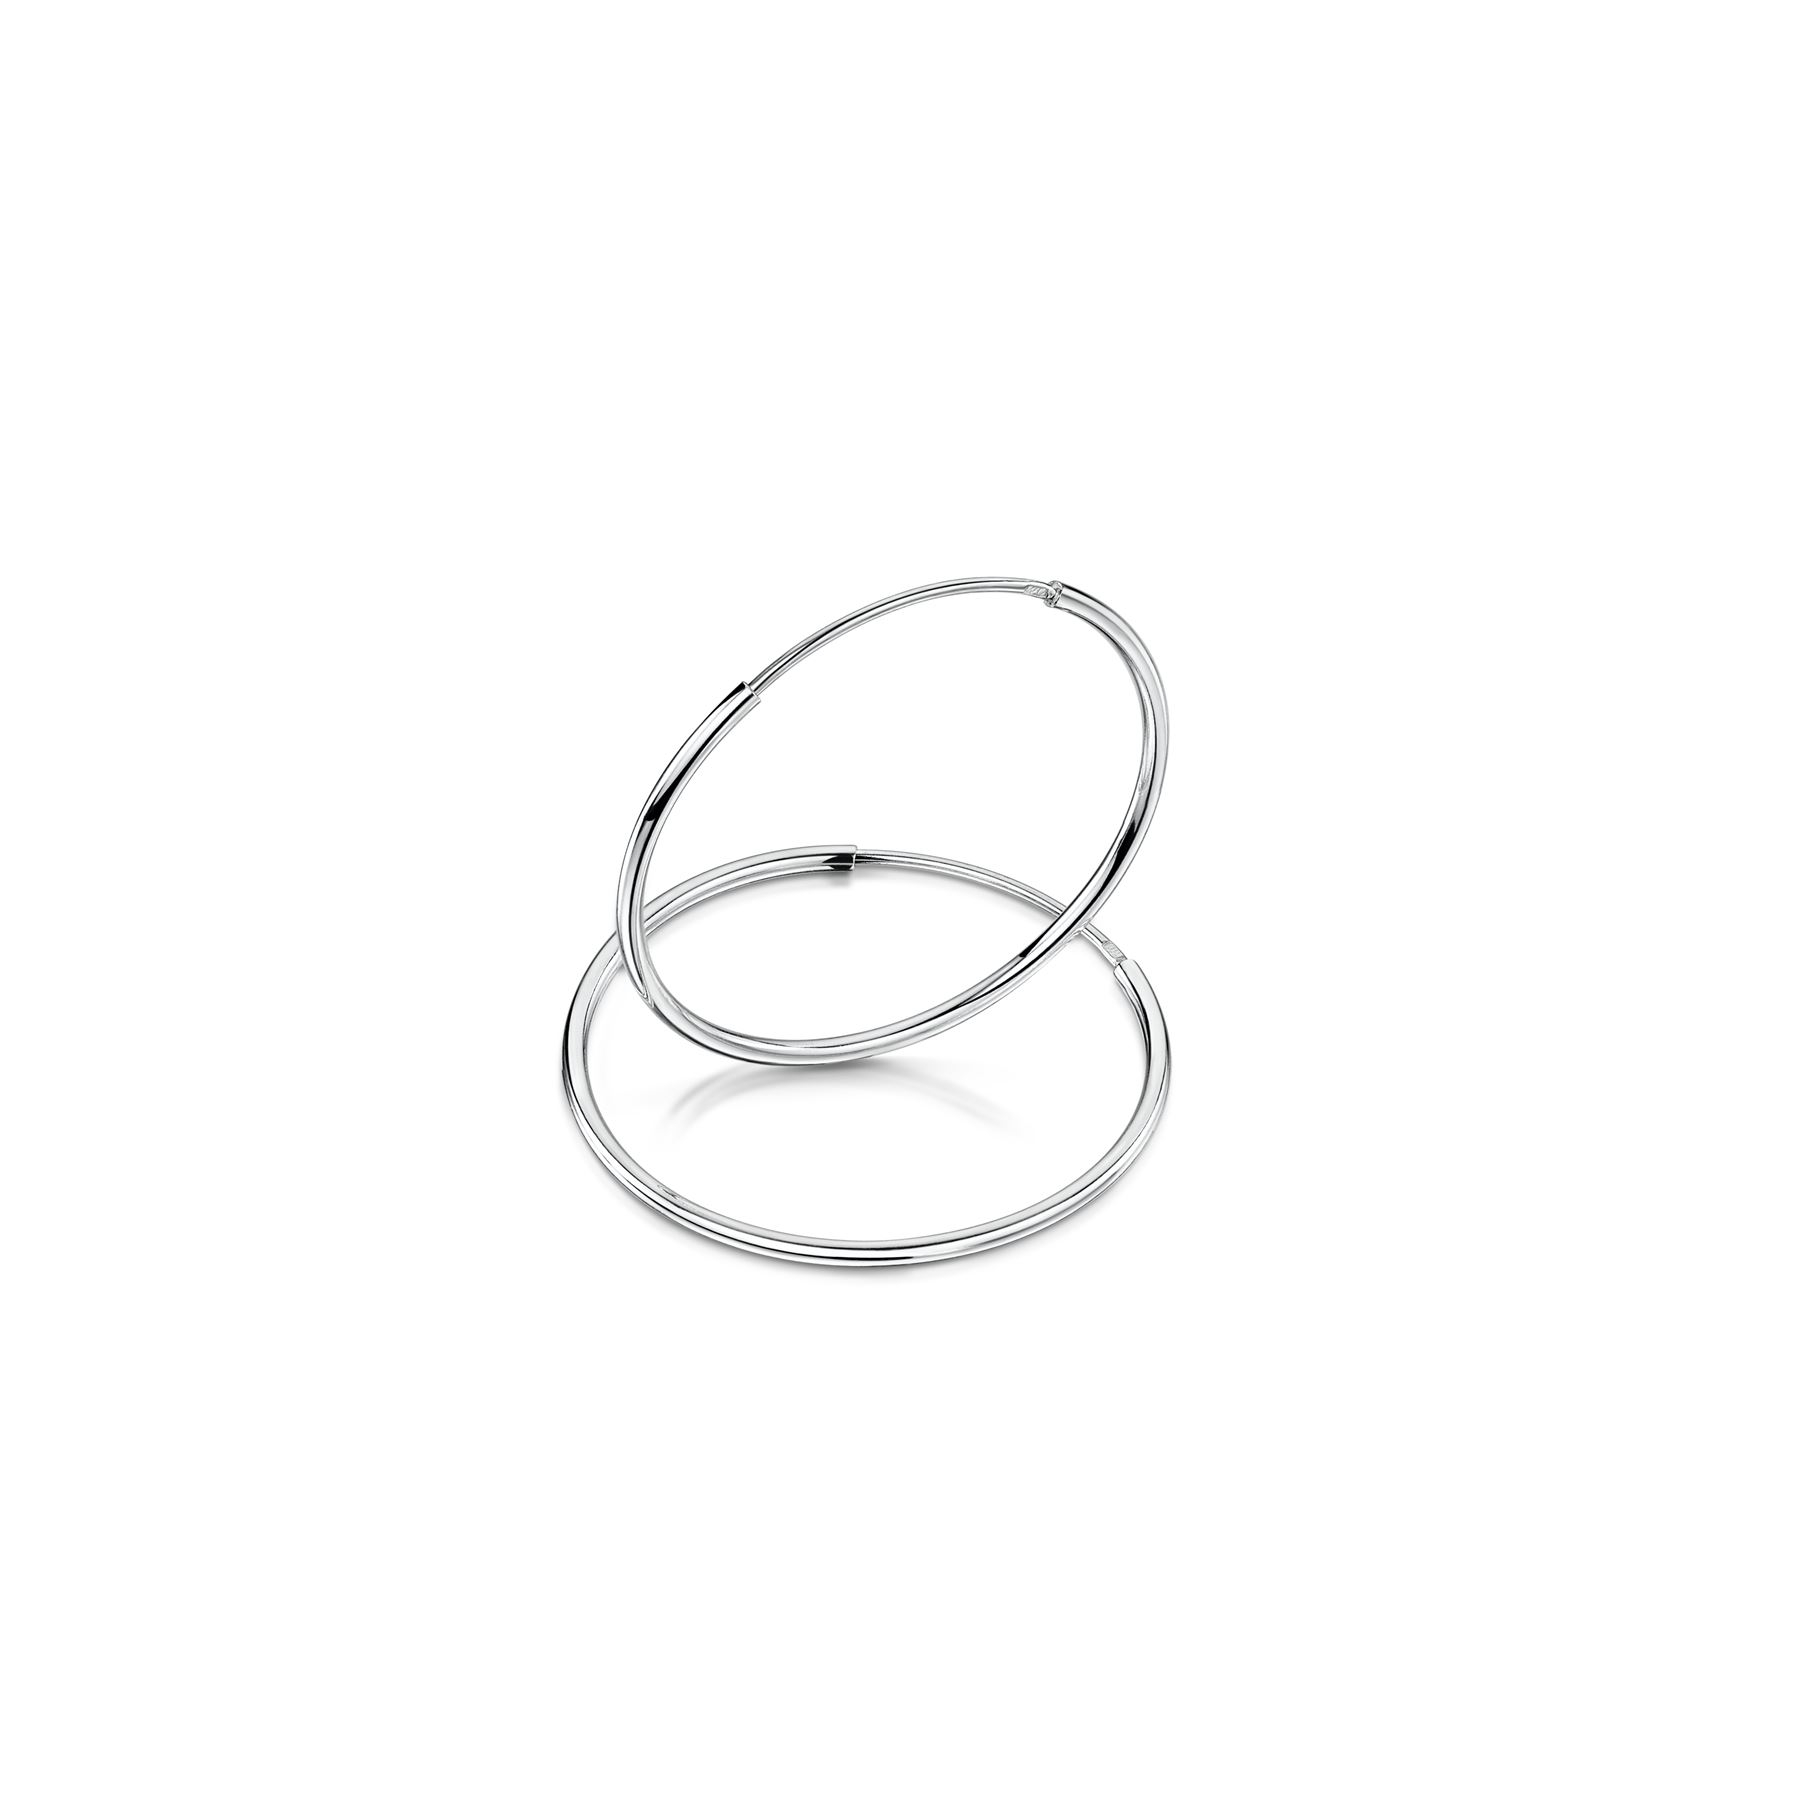 Amberta-Pendientes-para-Mujer-Aros-en-Plata-De-Ley-925-Autentica-Estilo-Clasico miniatura 27